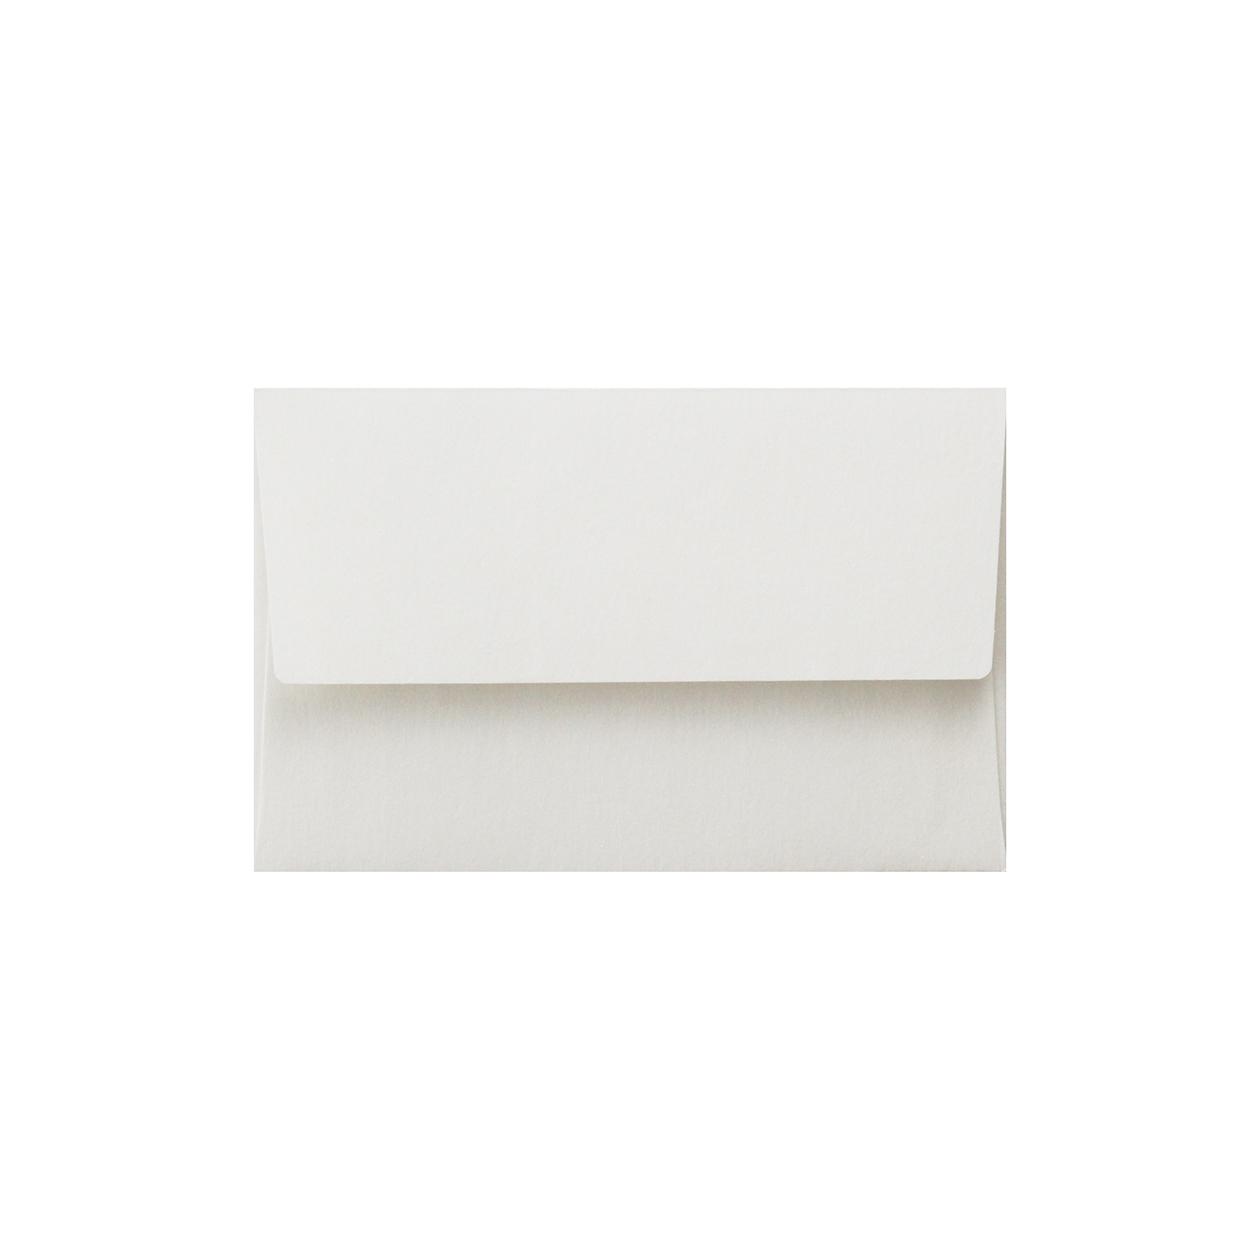 サンプル 封筒・袋 00117